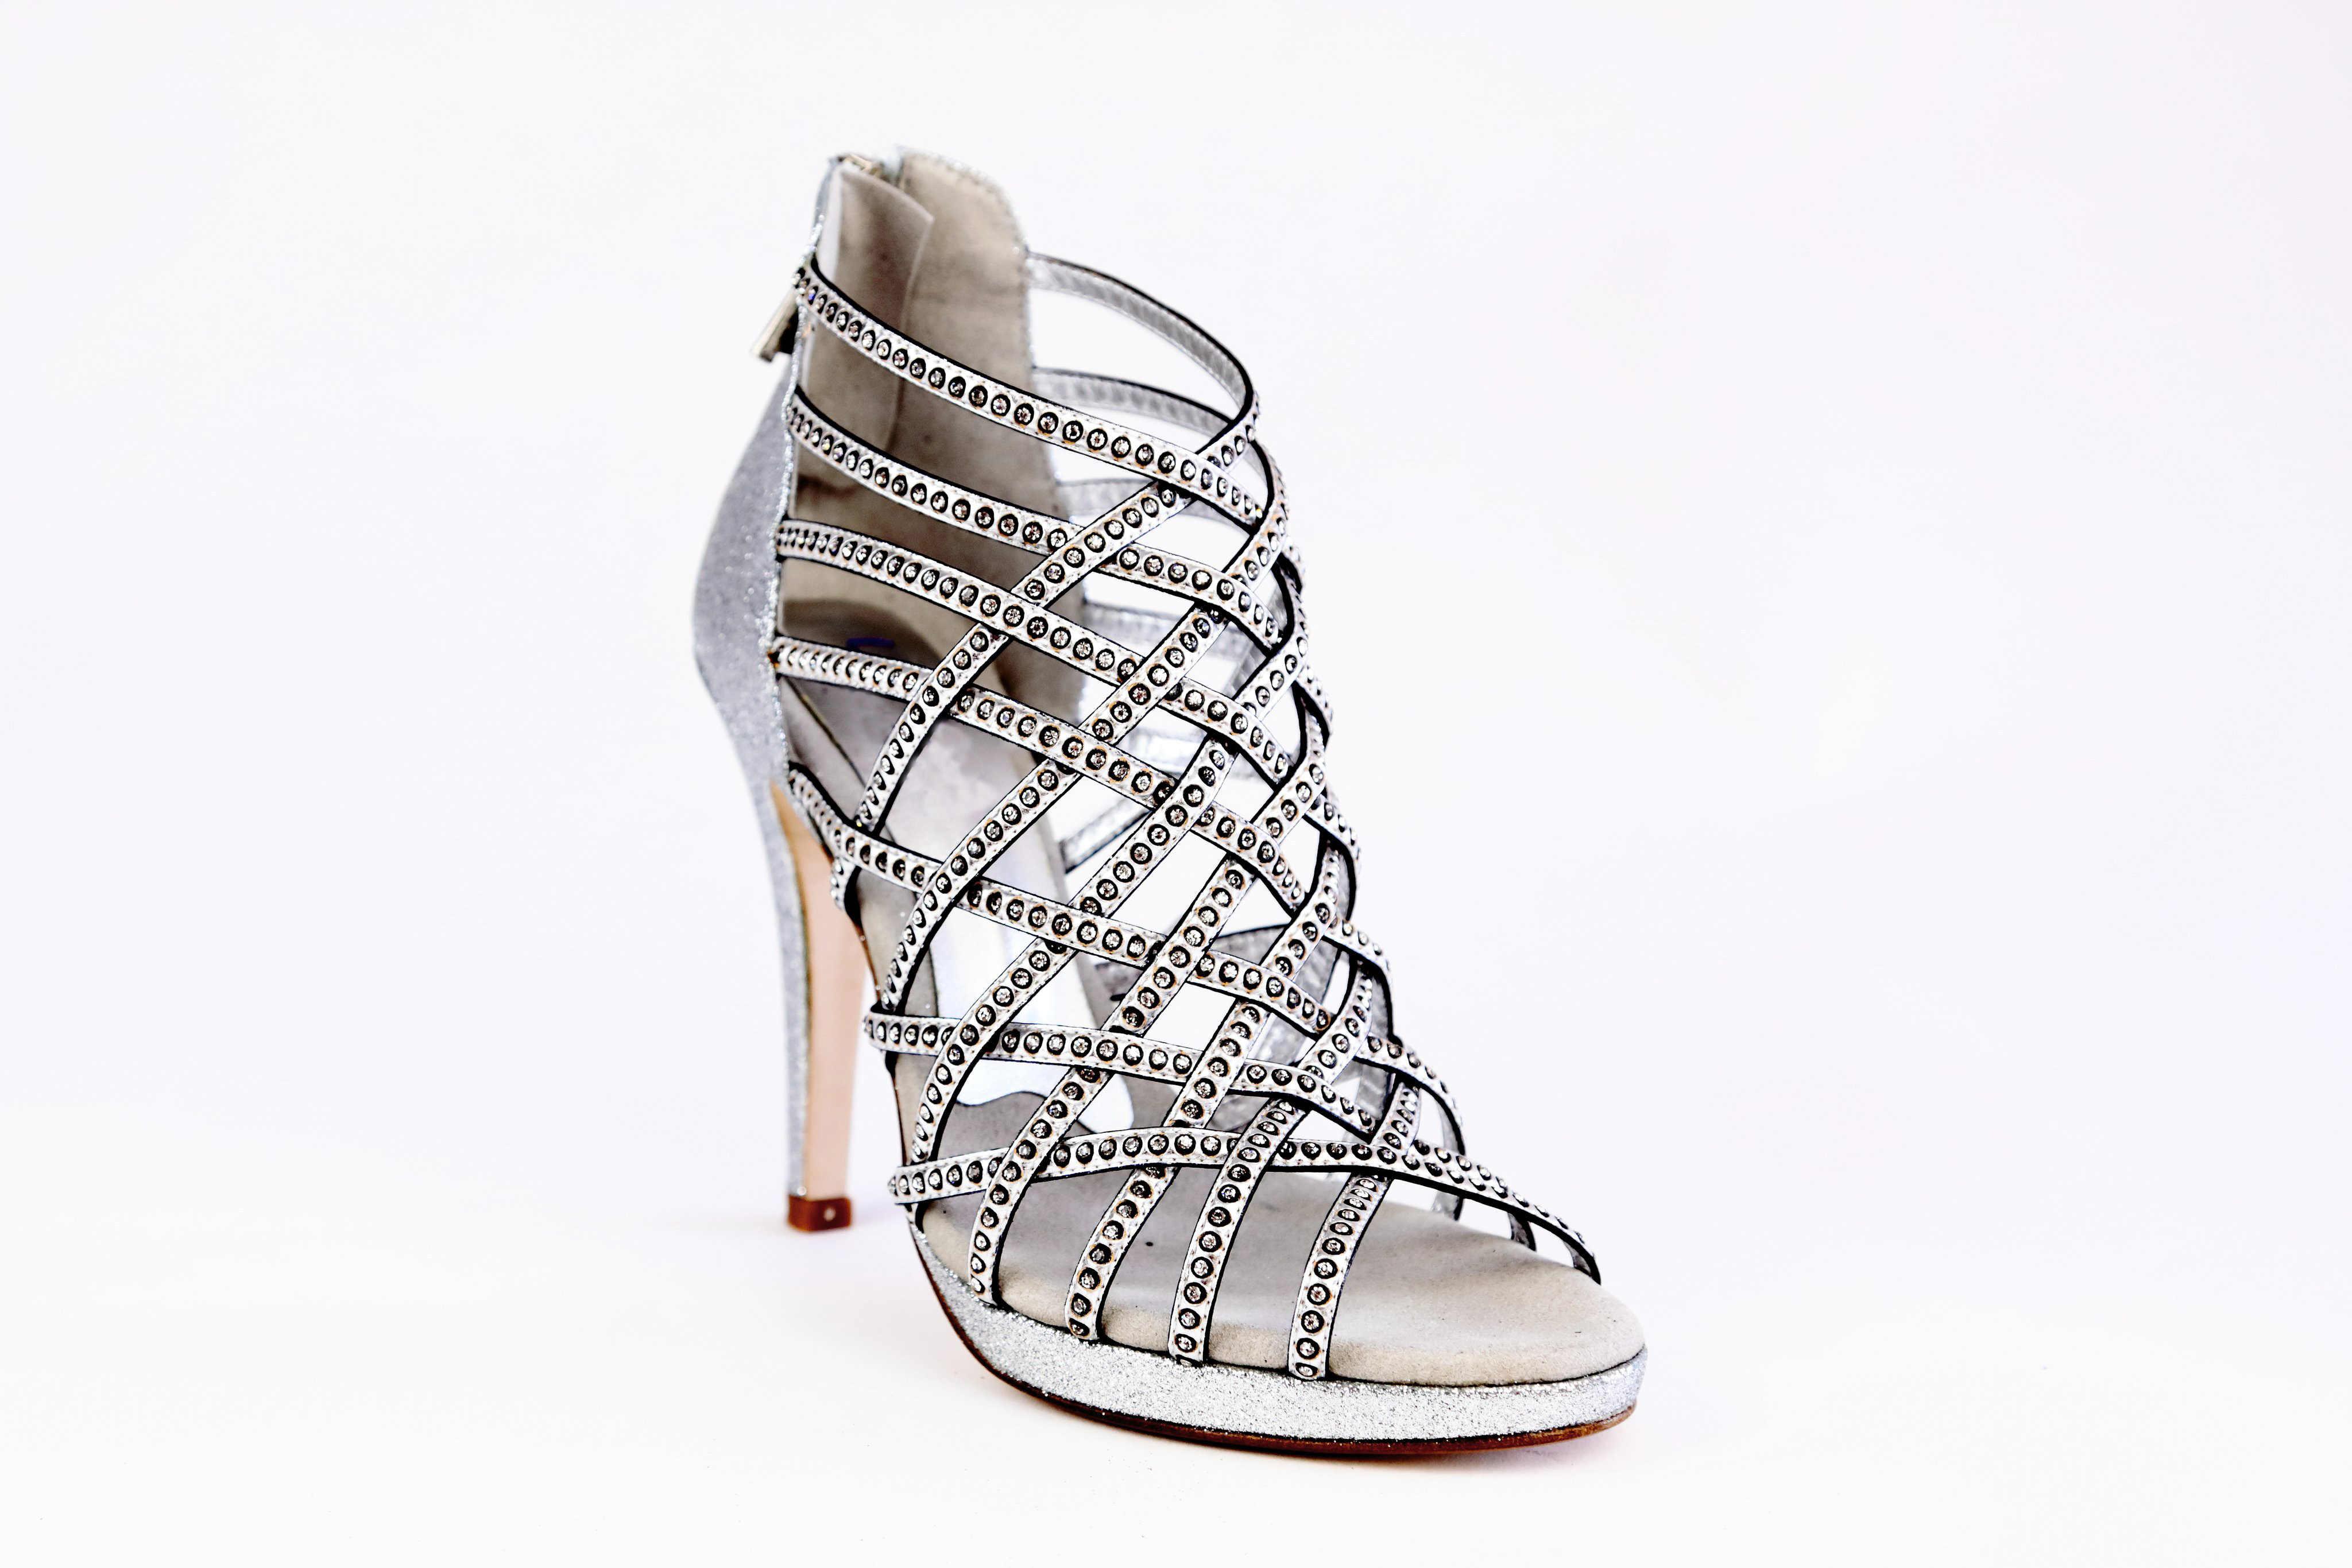 KEEWOODANCE Platformları Balo Salonu dans ayakkabıları zapatos de mujer latin dans ayakkabıları salsa dans ayakkabıları chaussure femme bayan ayakkabıları